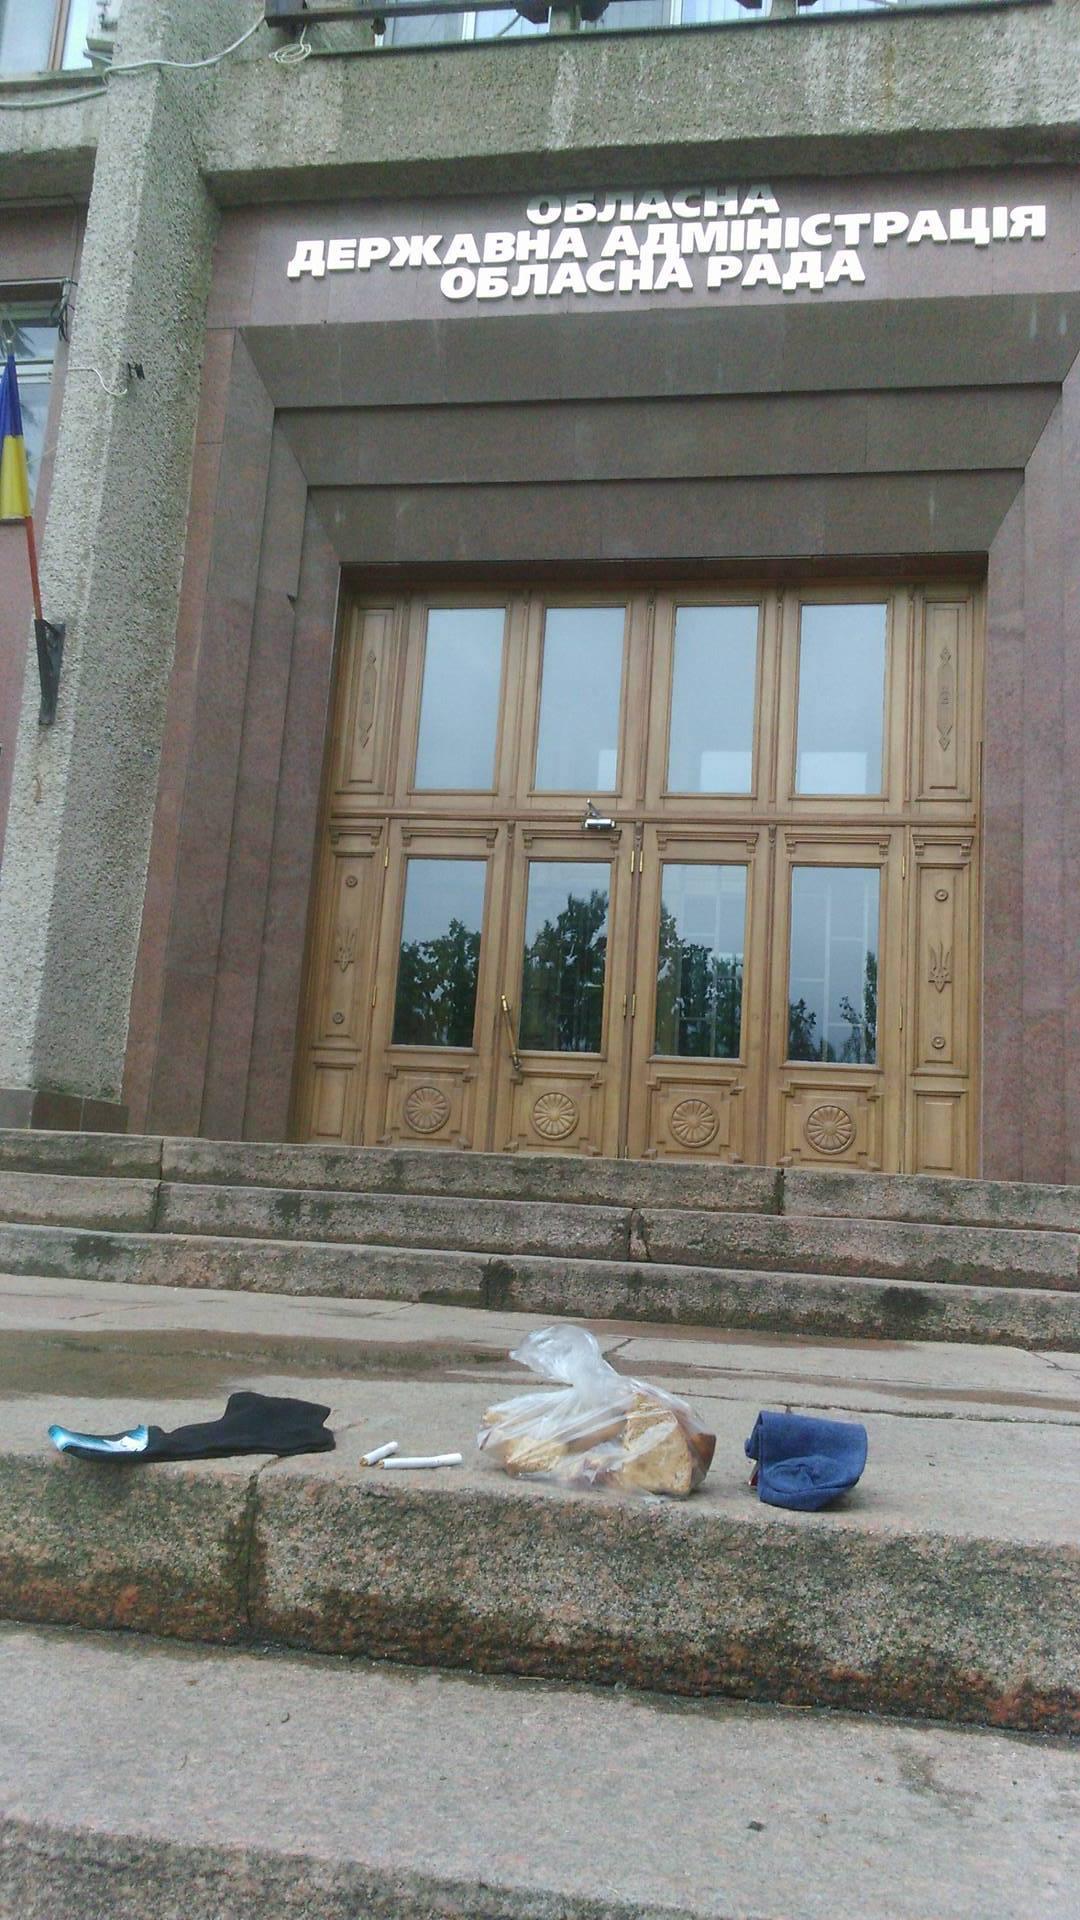 Сухарі, шкарпетки та цигарки: екс-голову Миколаївської ОДА збирають до в'язниці - фото 1